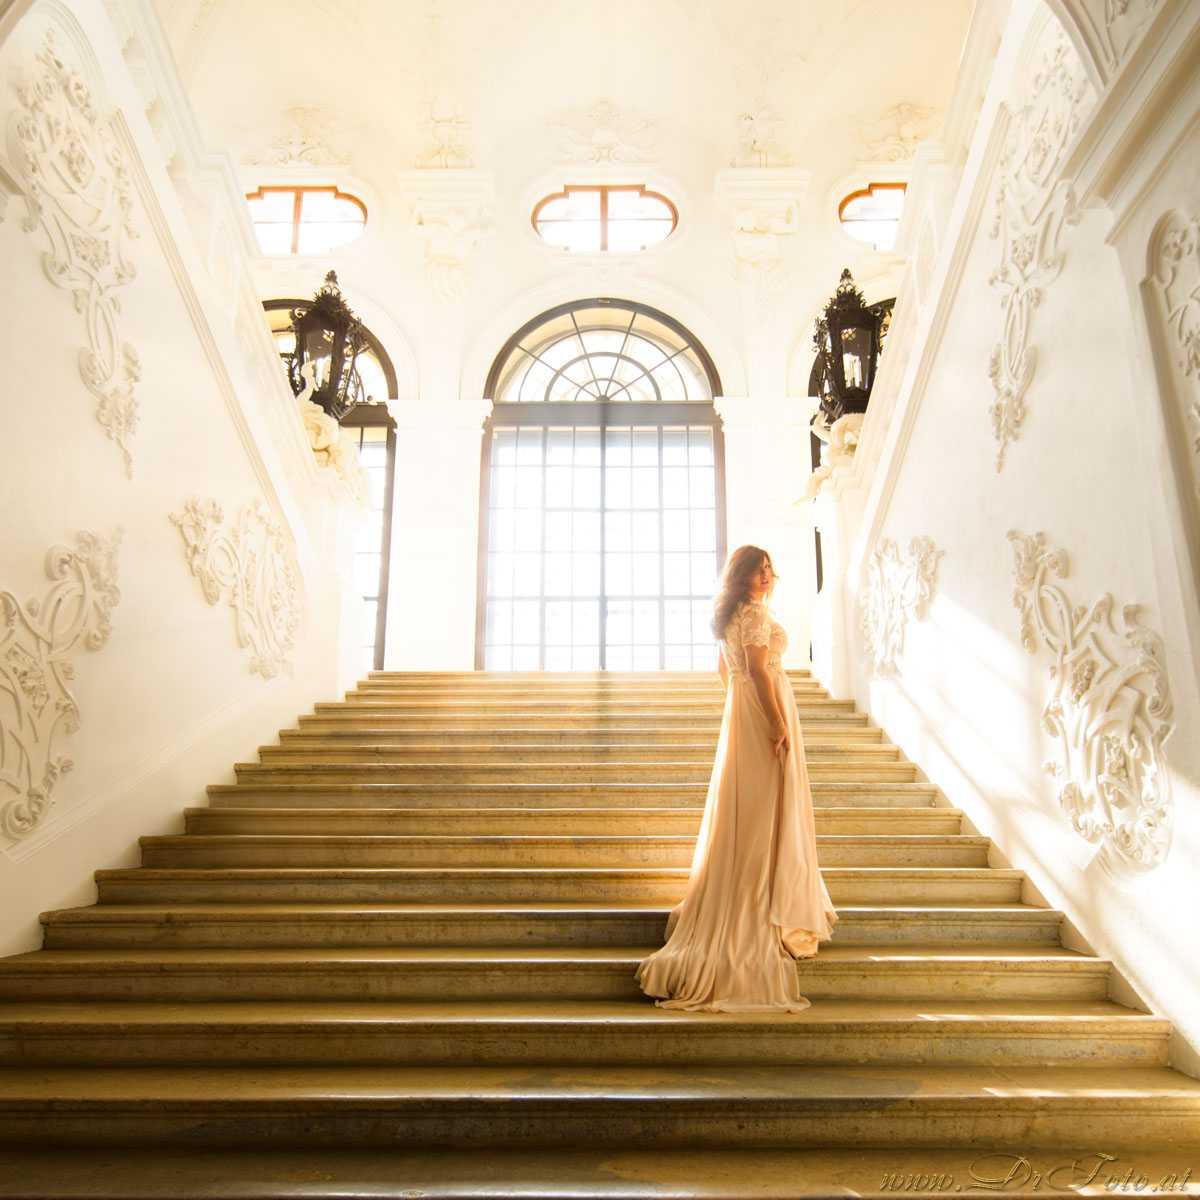 Vacation Photographer In Vienna, Austria